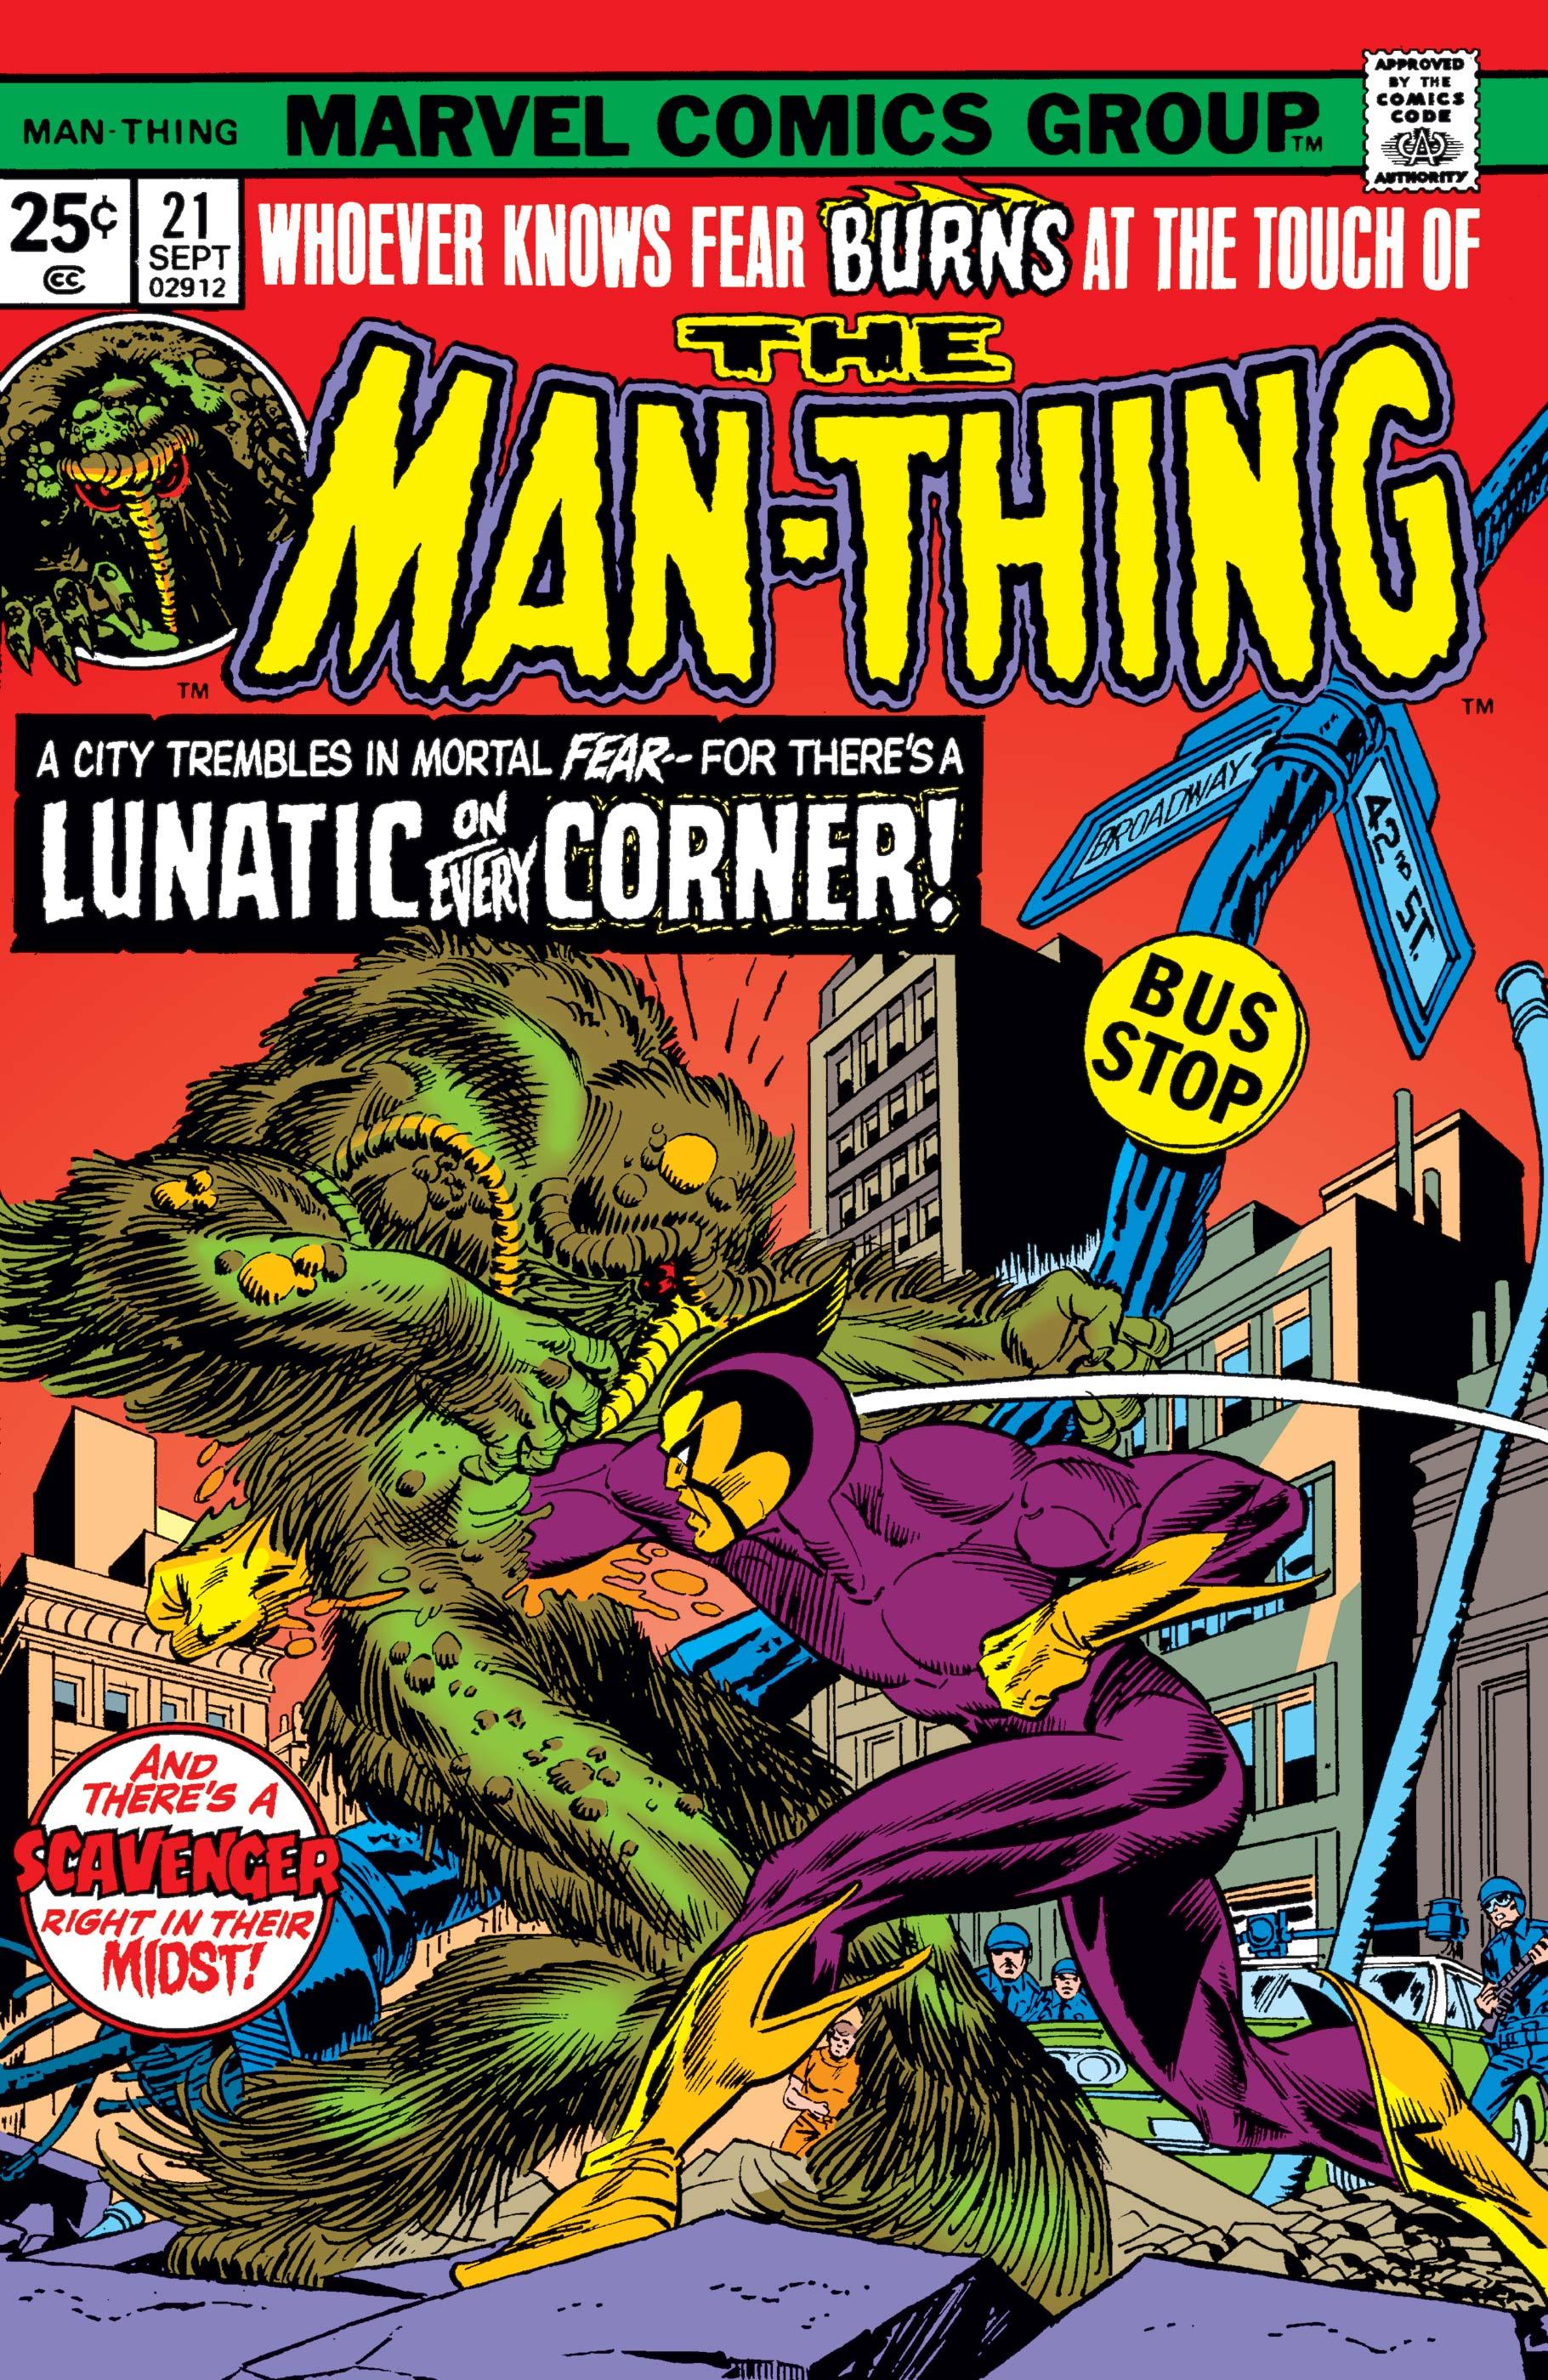 Man-Thing (1974) #21